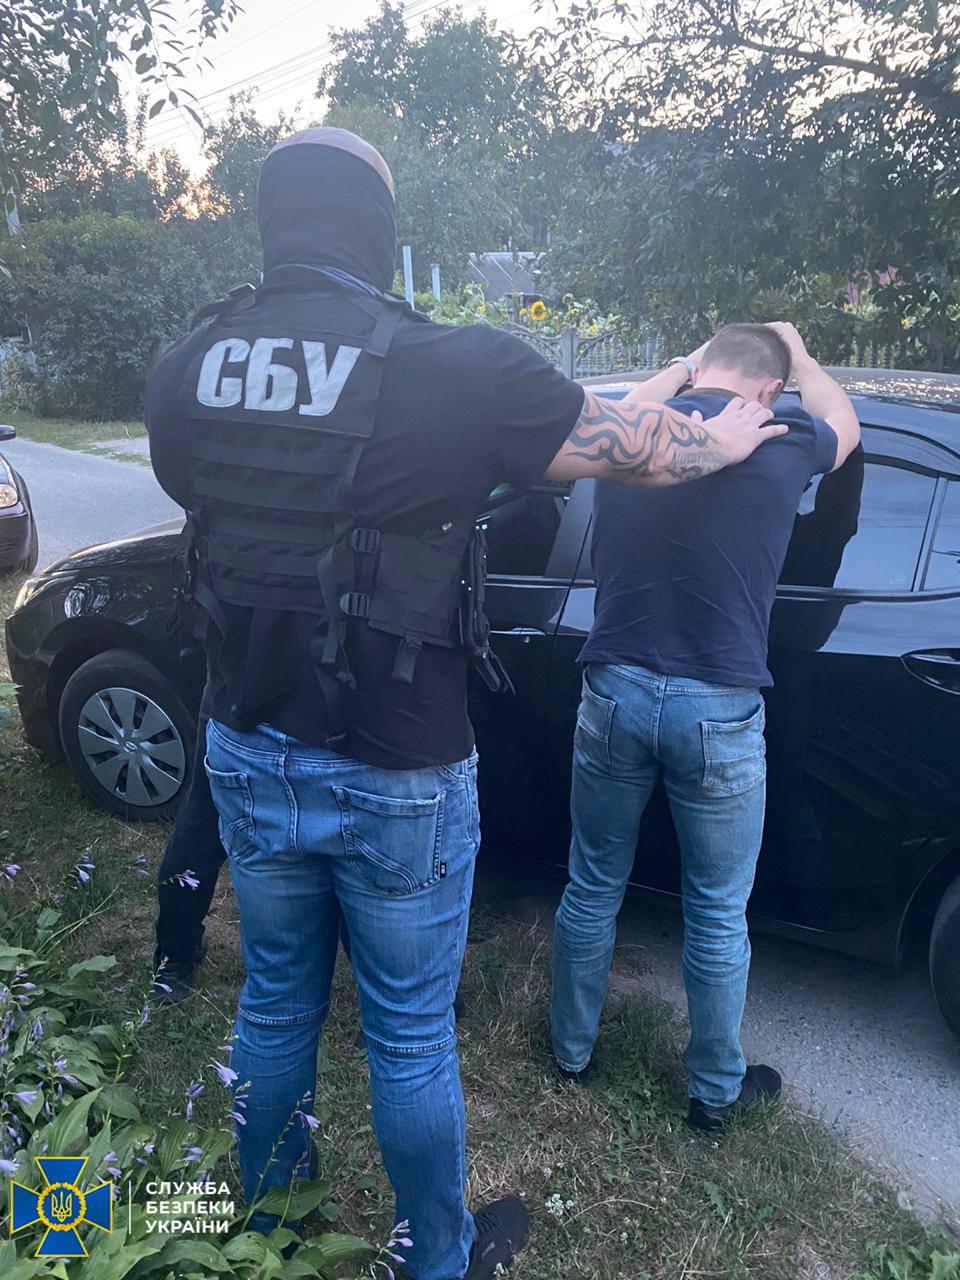 У Києві на хабарі затримали двох посадовців обласної поліції -  - 118295682 2386335845002929 268199924138575519 o